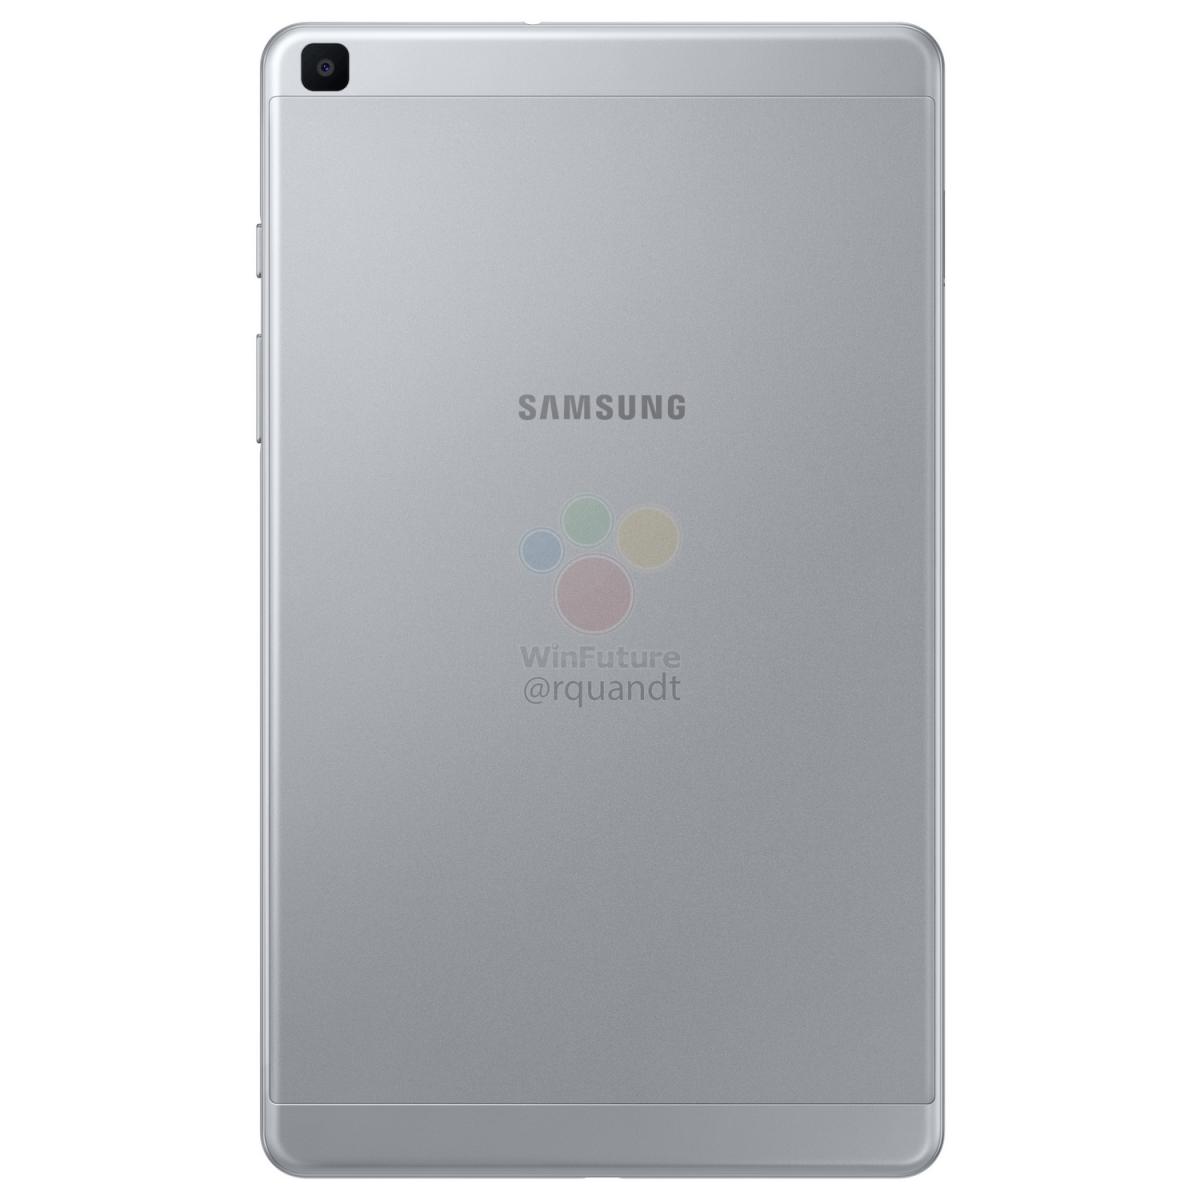 Samsung-Galaxy-Tab-A-8-2019-1562056682-0-0.png